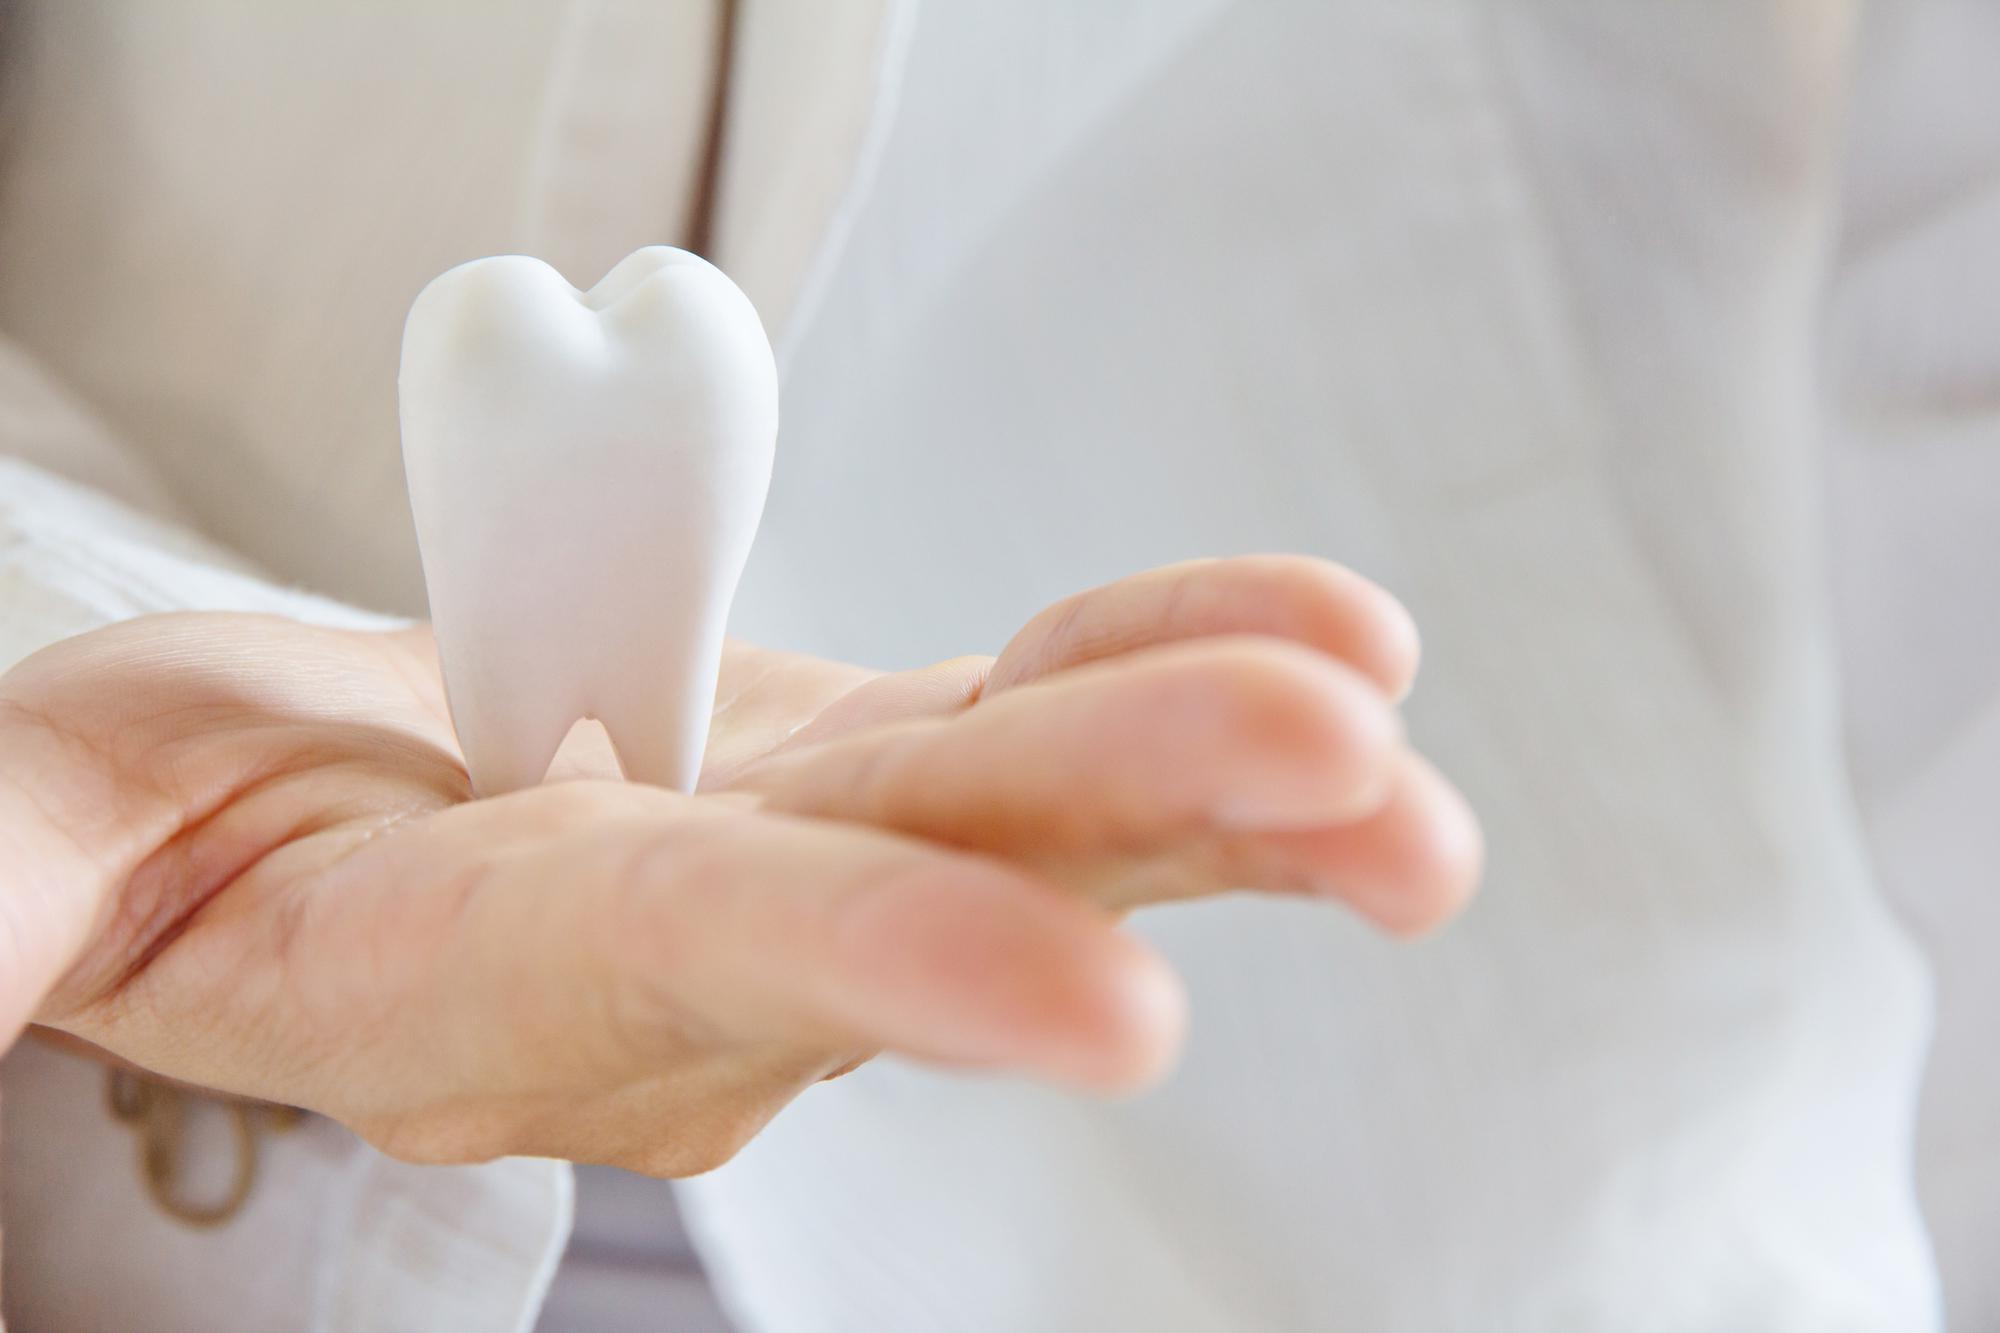 矯正歯科の「専門医」「認定医」「指導医」の違いと歯医者さんの選び方